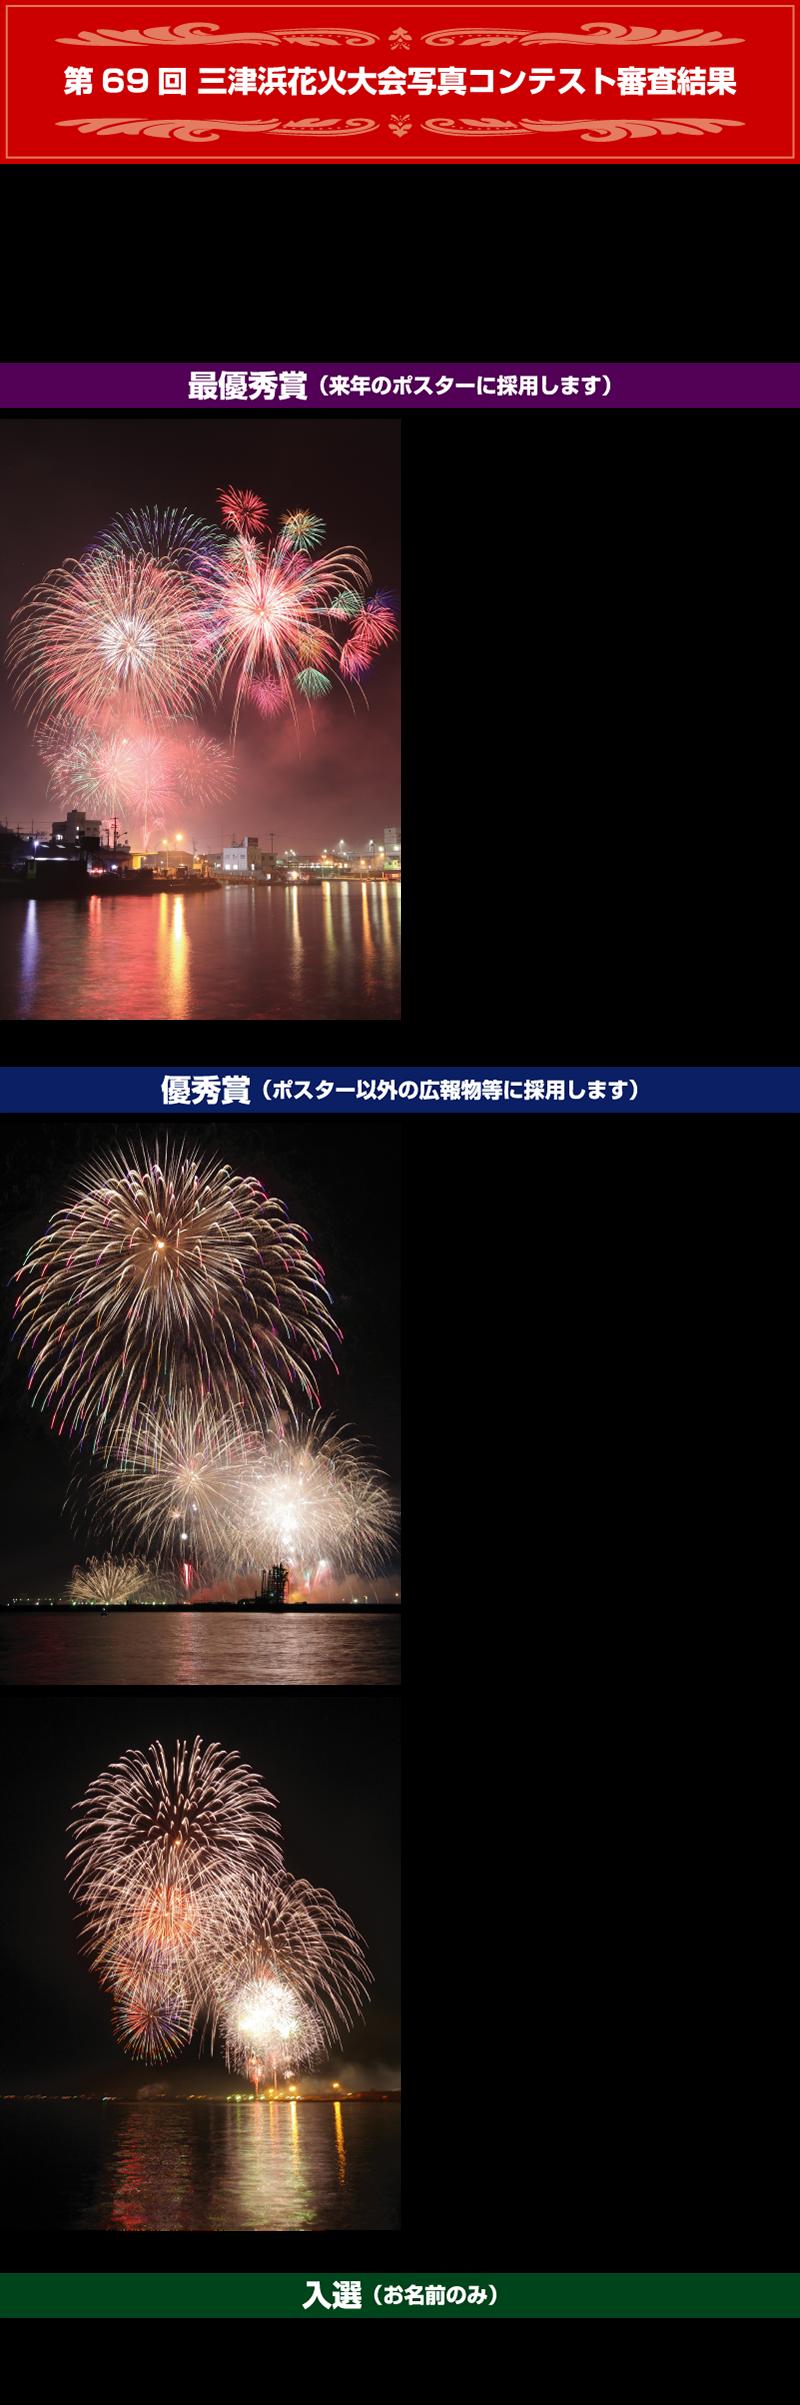 第69回 三津浜花火大会写真コンテスト審査結果